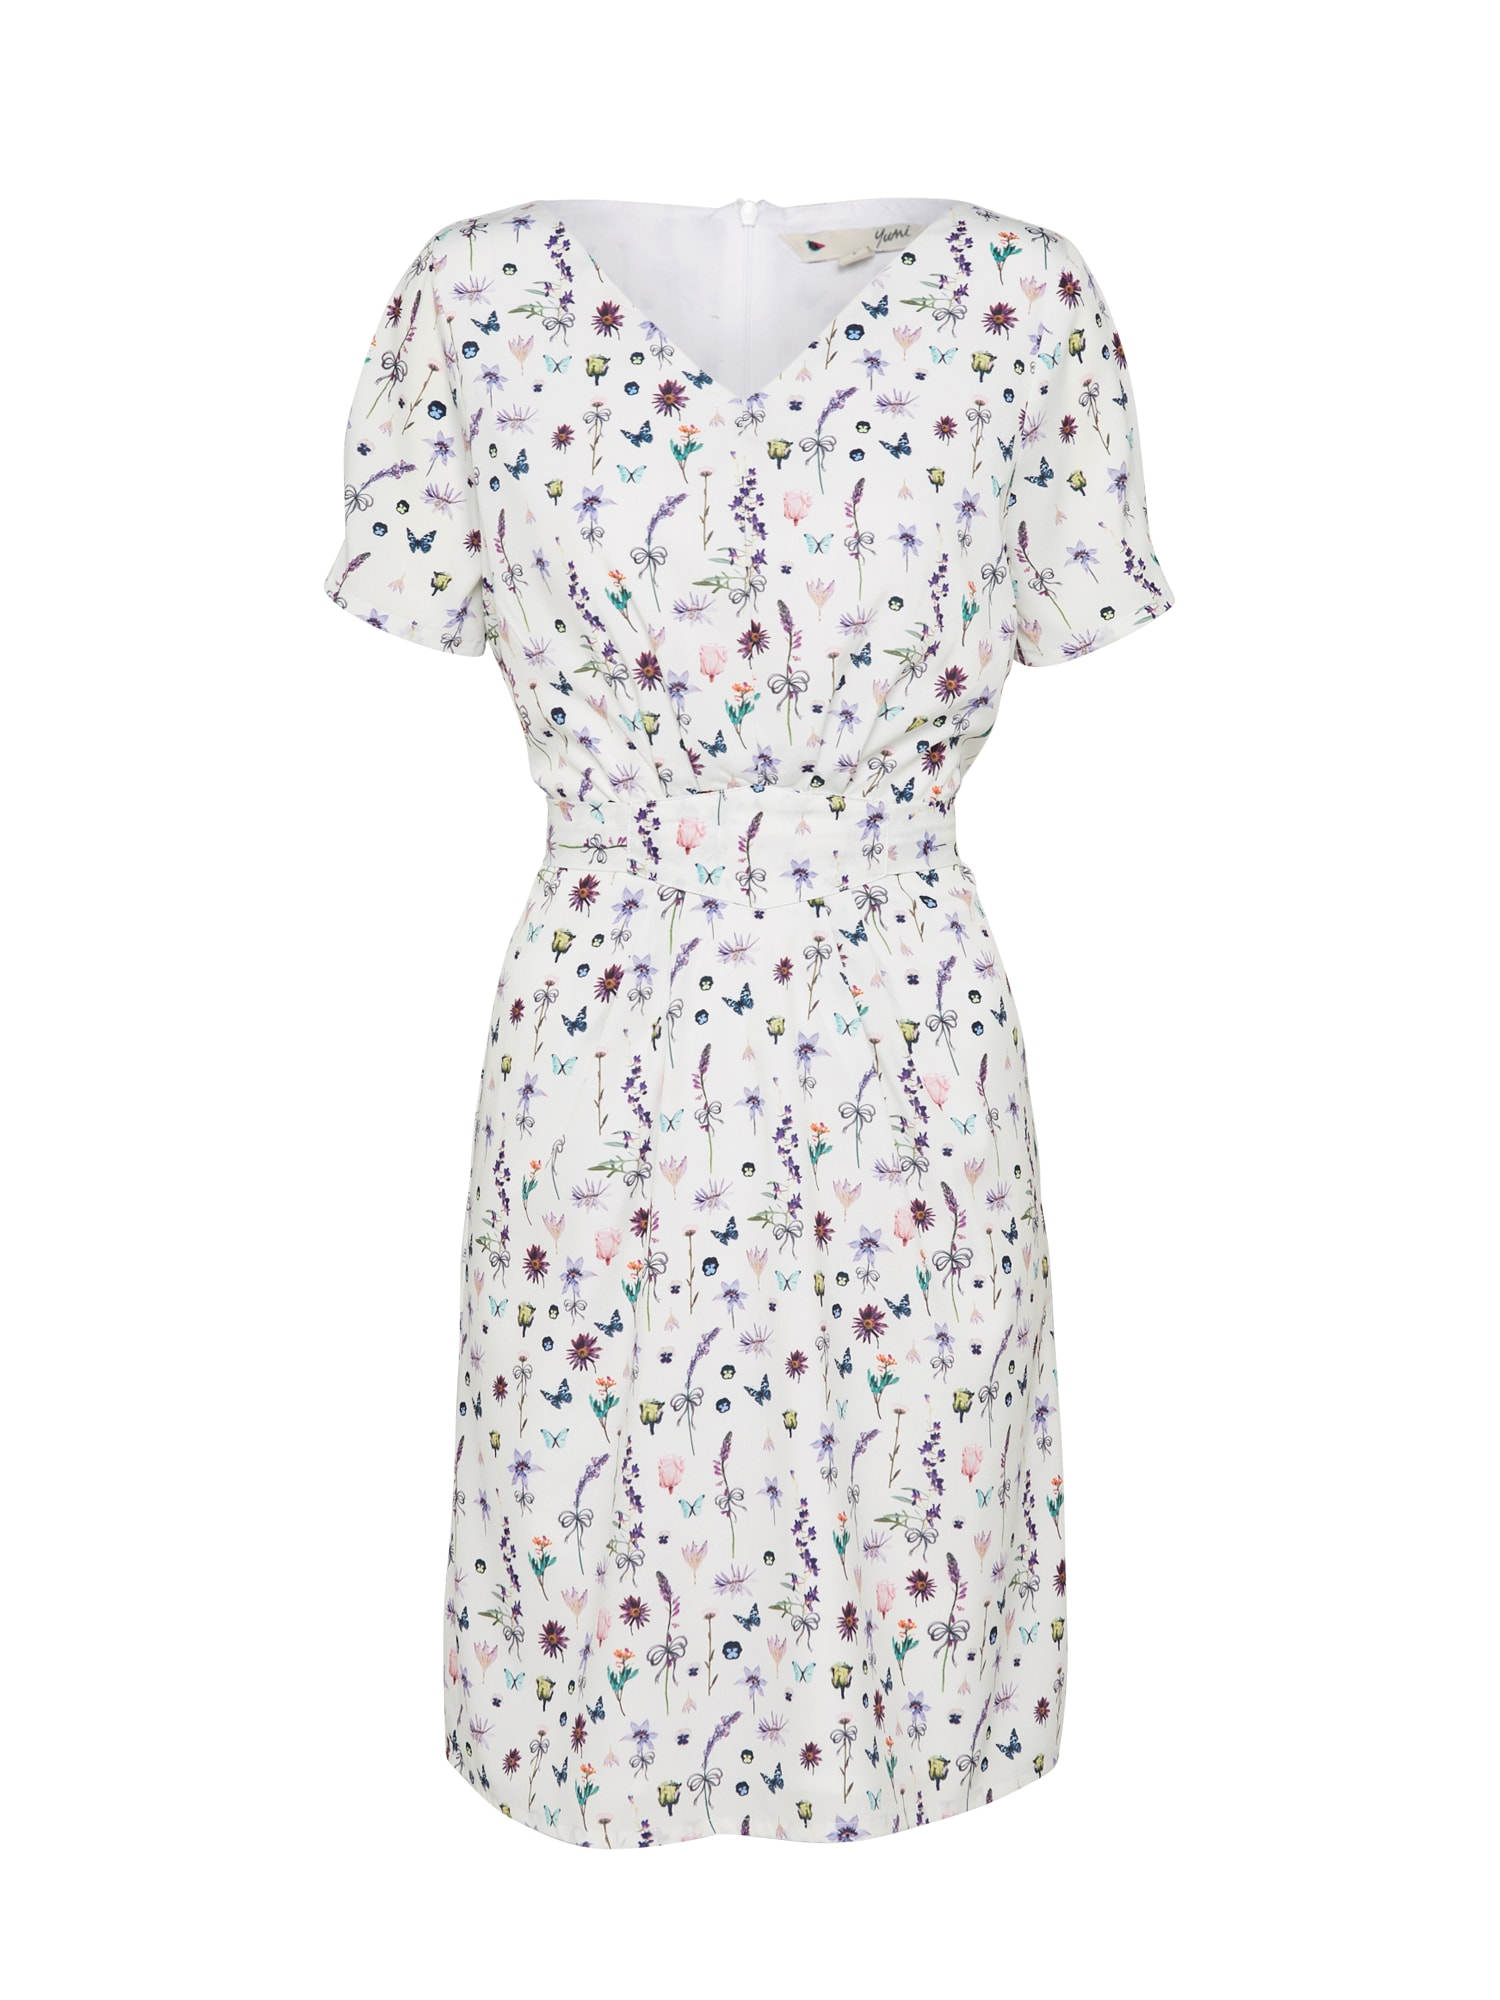 Letní šaty FRENCH BOTANICAL mix barev bílá Yumi